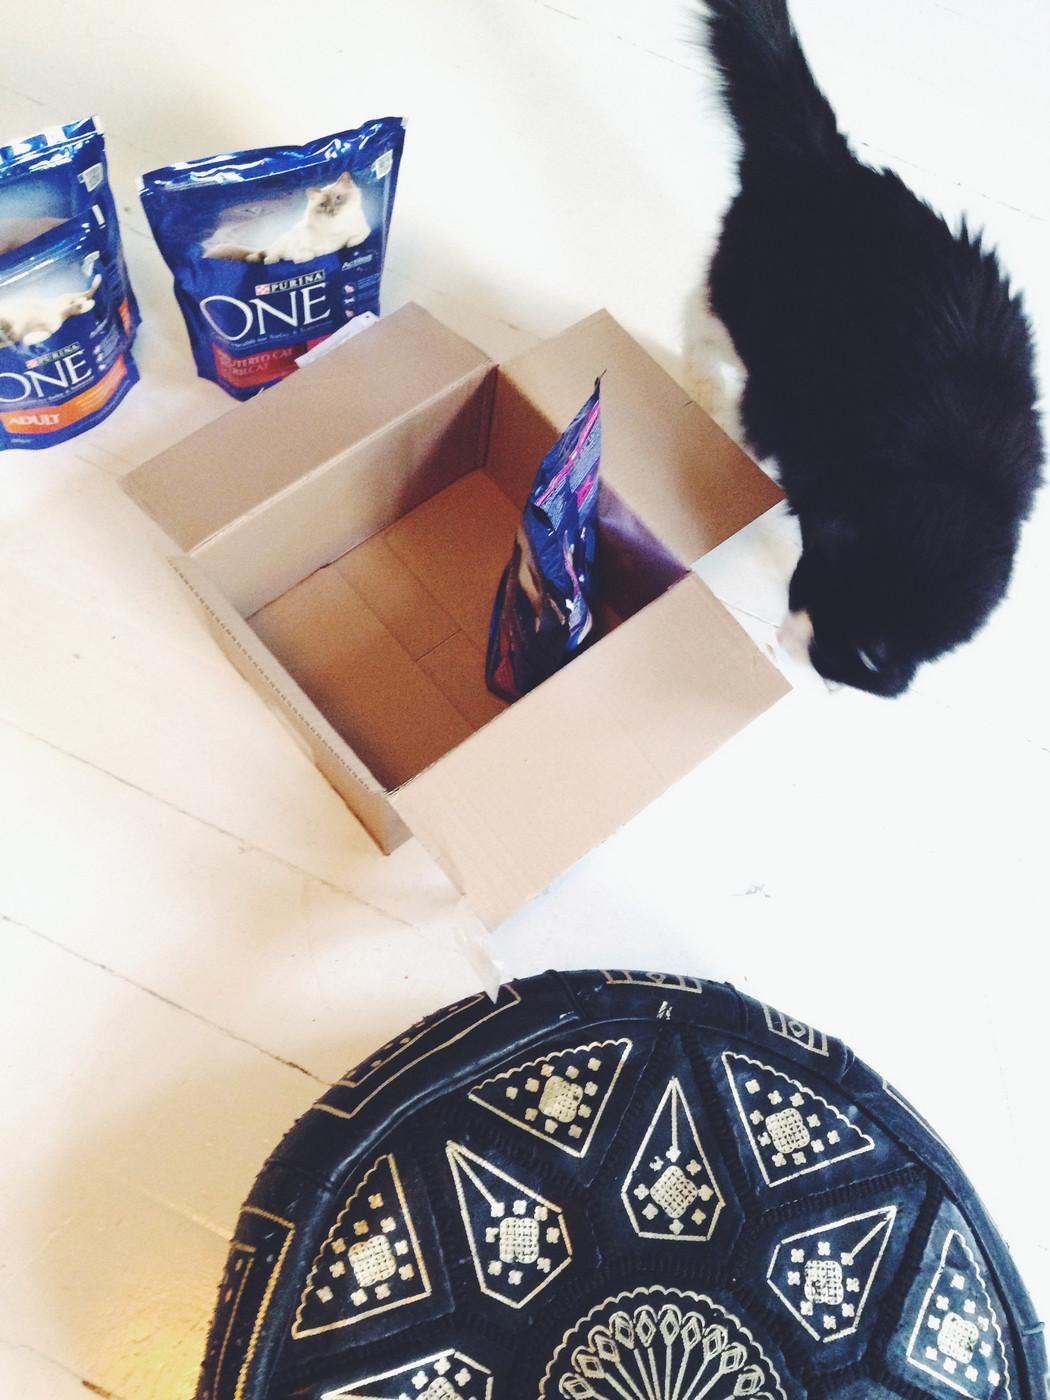 Kissaihminen